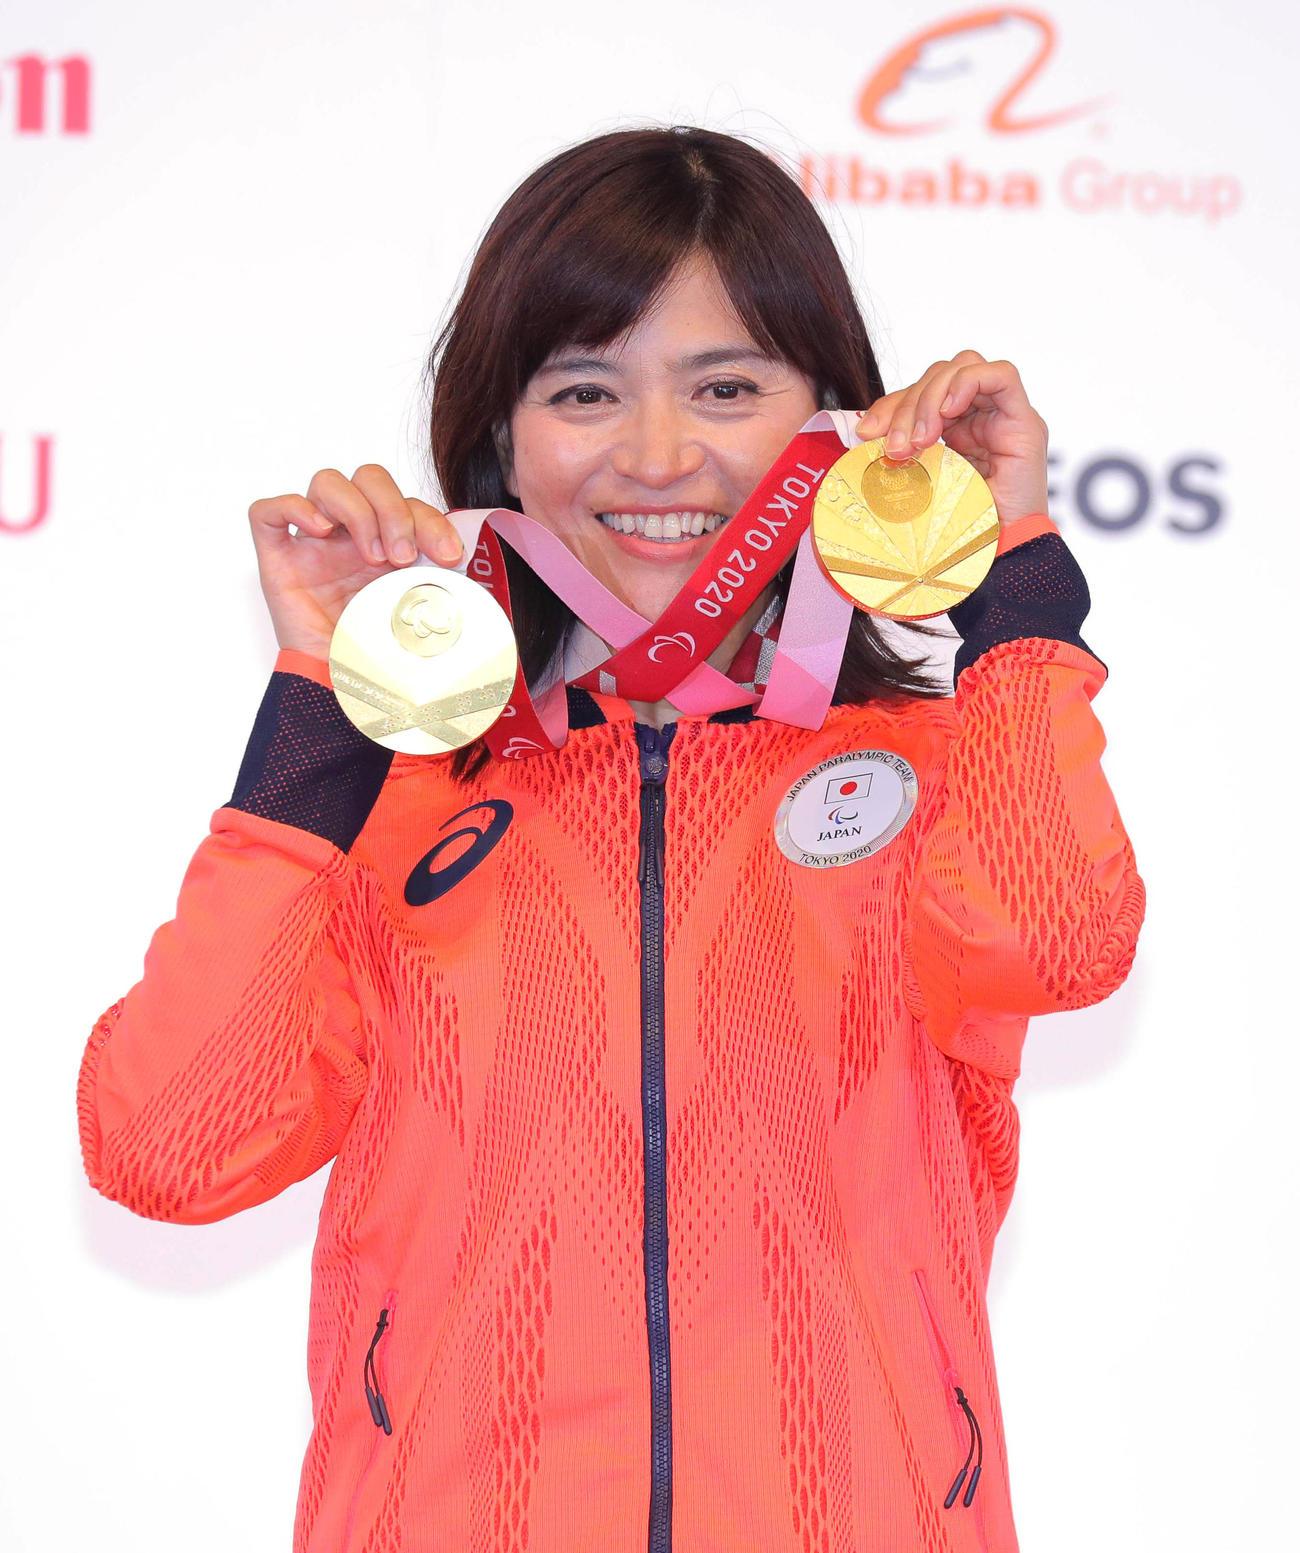 2冠を達成し両手に2つの金メダルを持ち笑顔の杉浦佳(2021年9月4日撮影)